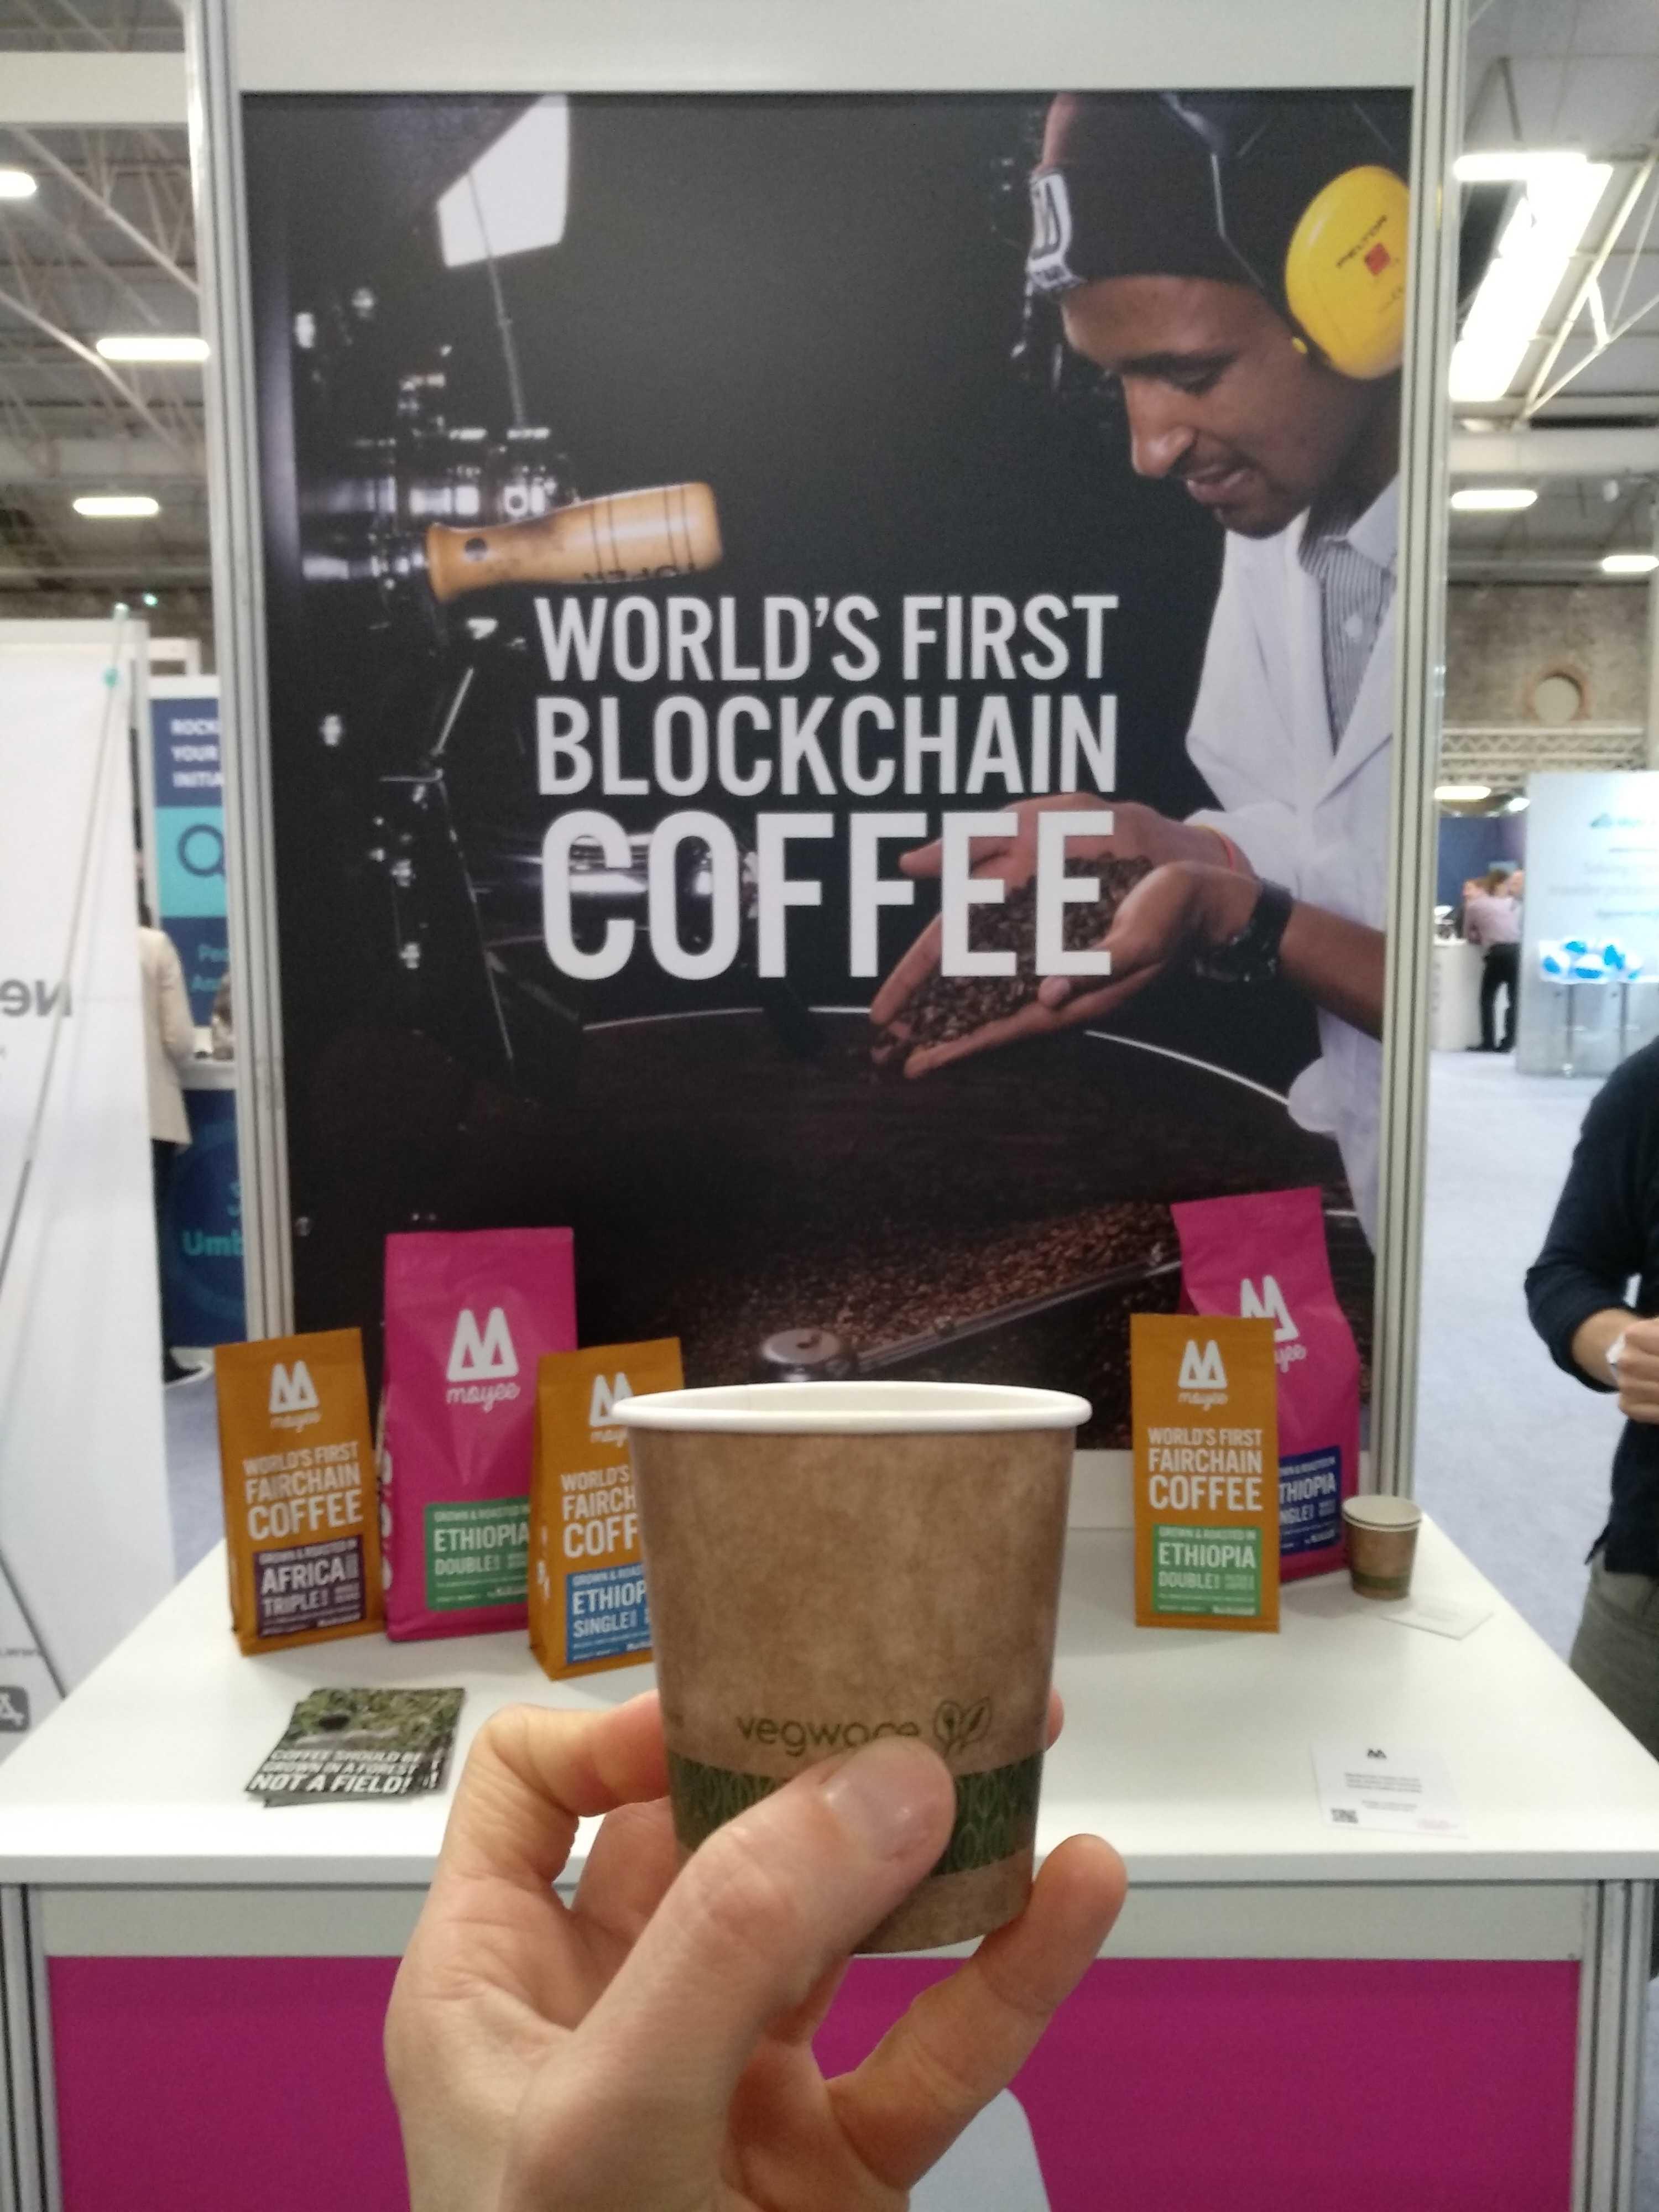 World's first blockchain coffee